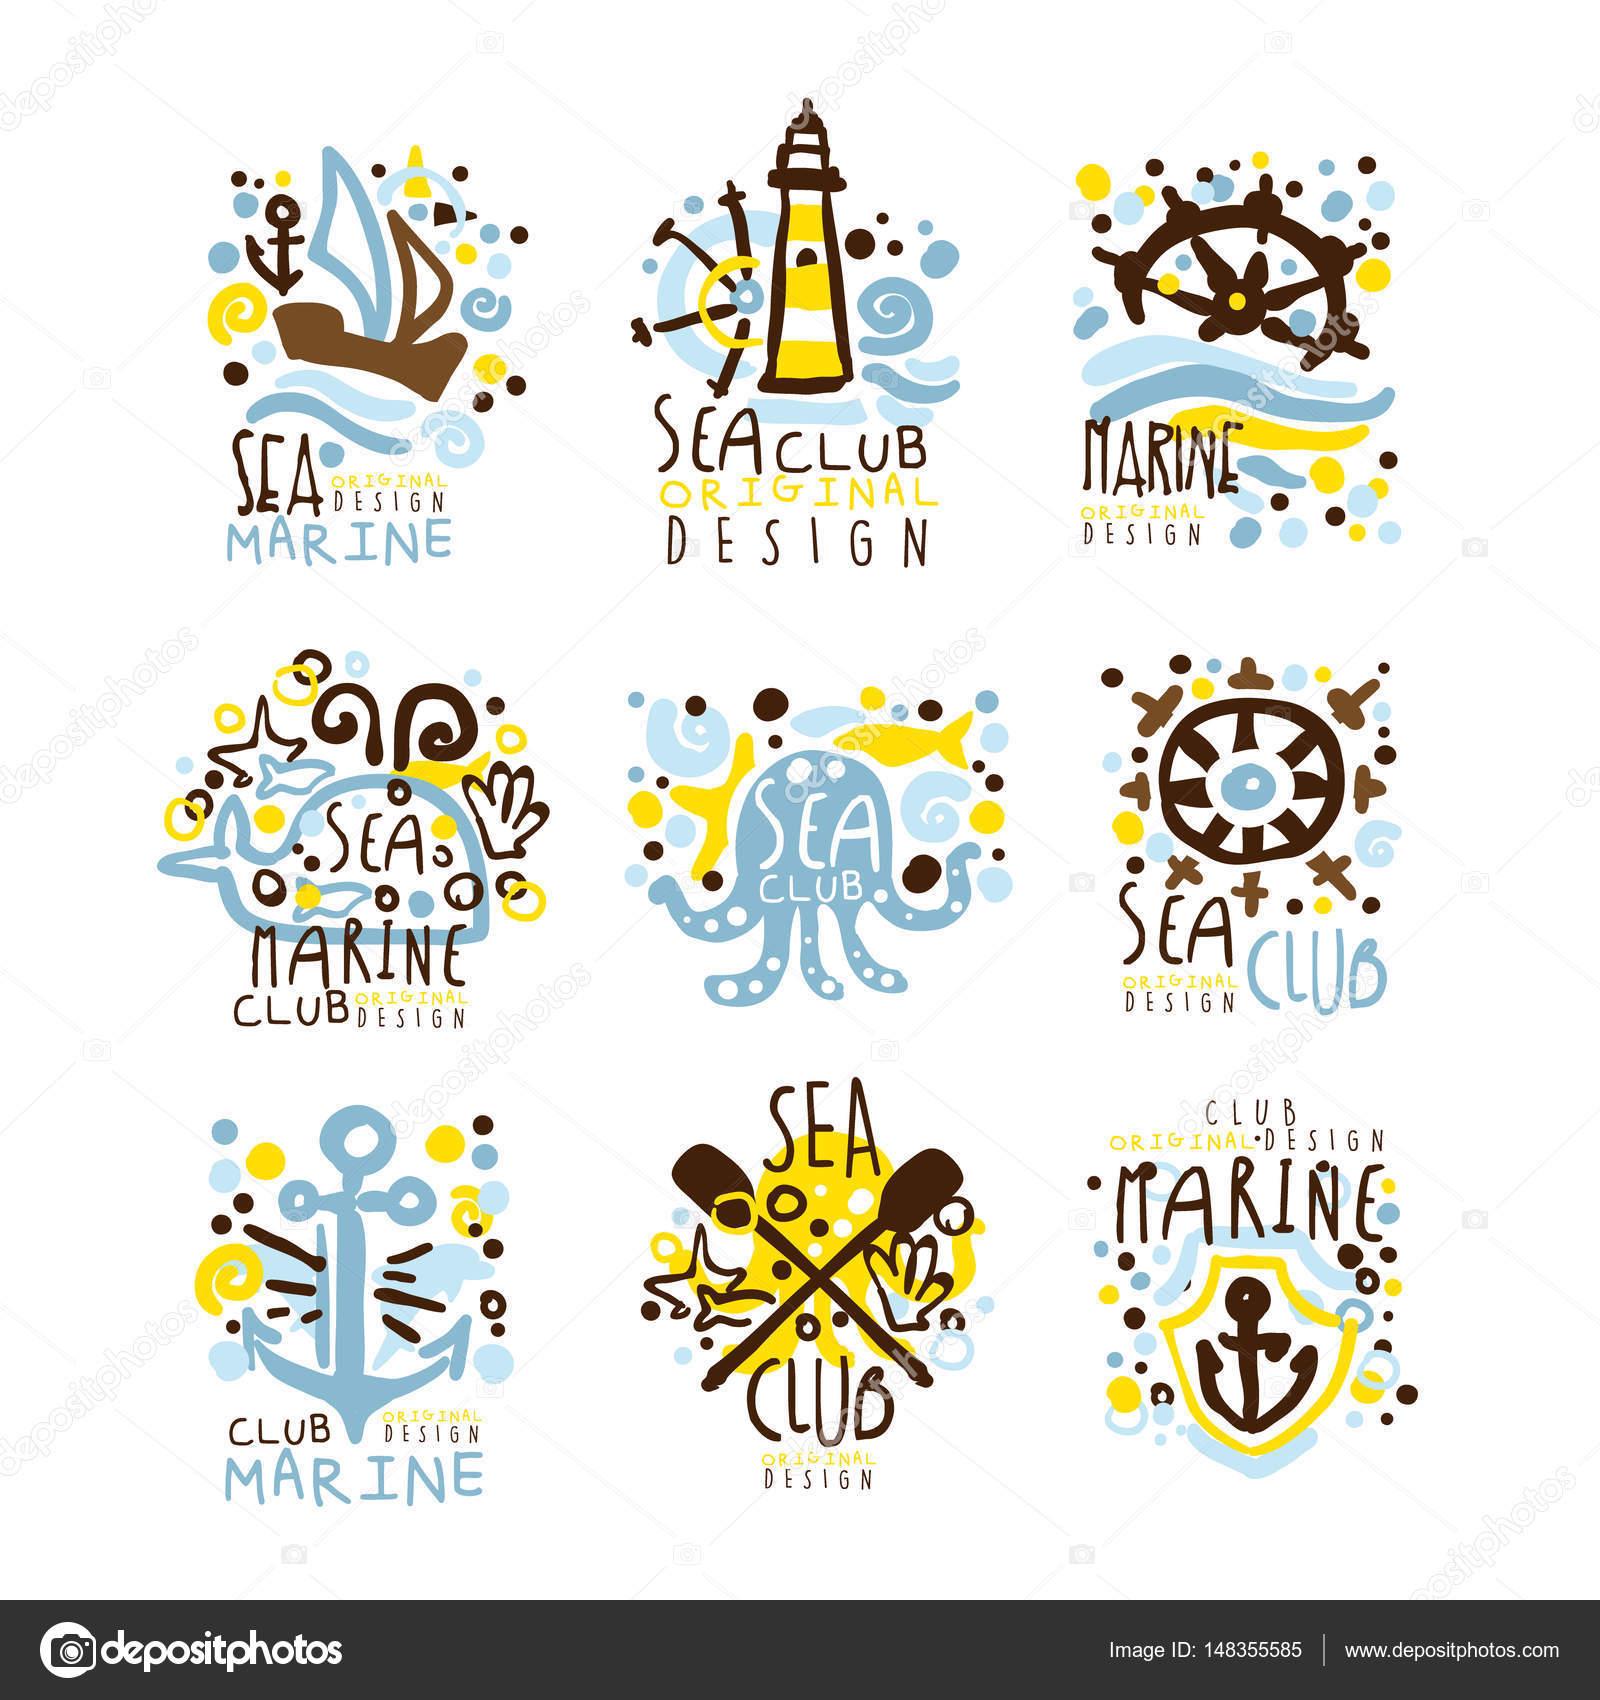 Club de mar Marina club para dise o de etiquetas Club de yates